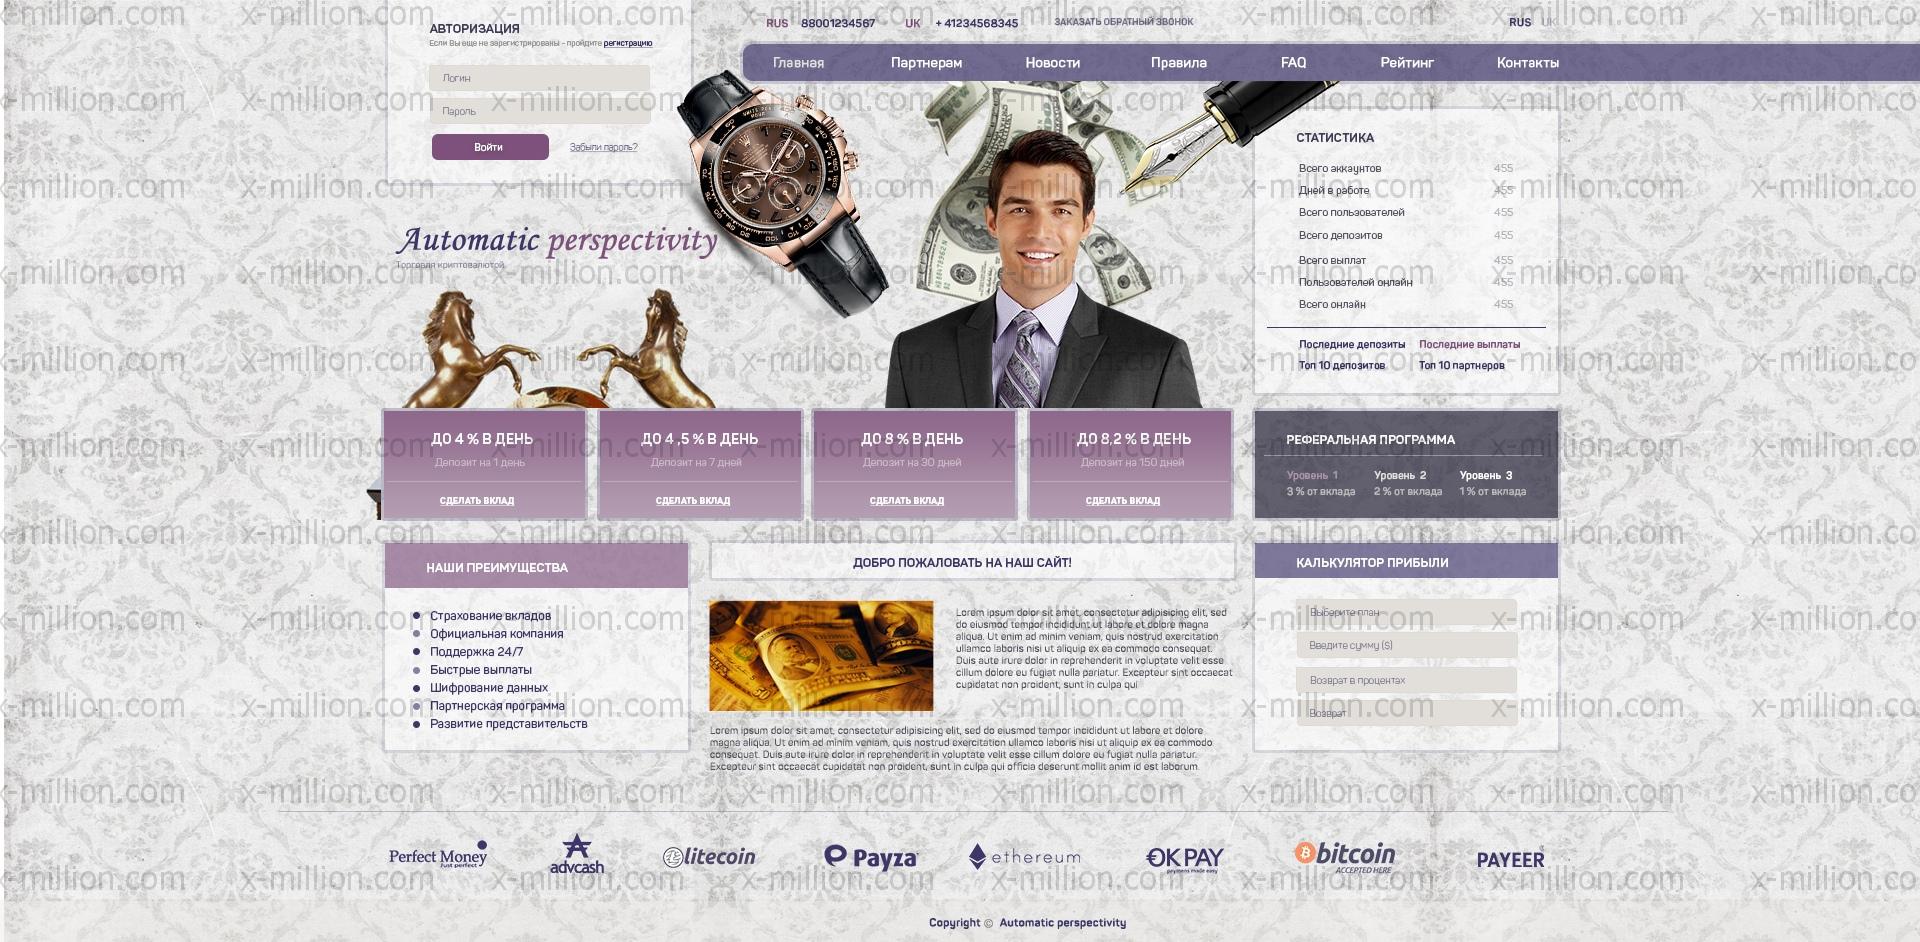 Купить дизайн для hyip проекта. Разработка. Star-gross.com